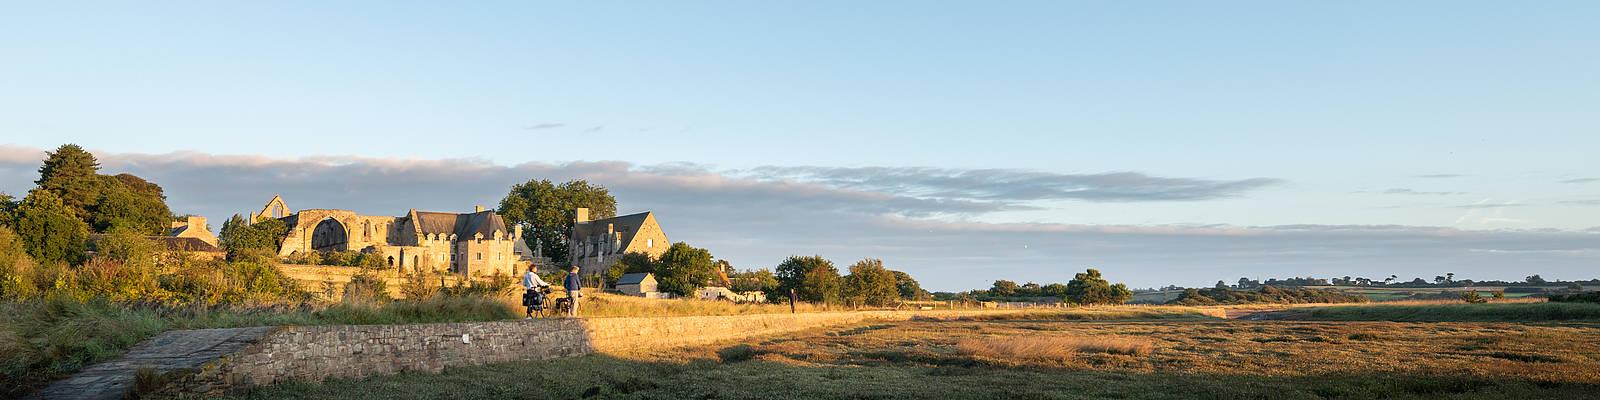 L'abbaye et le domaine de Beauport à Paimpol